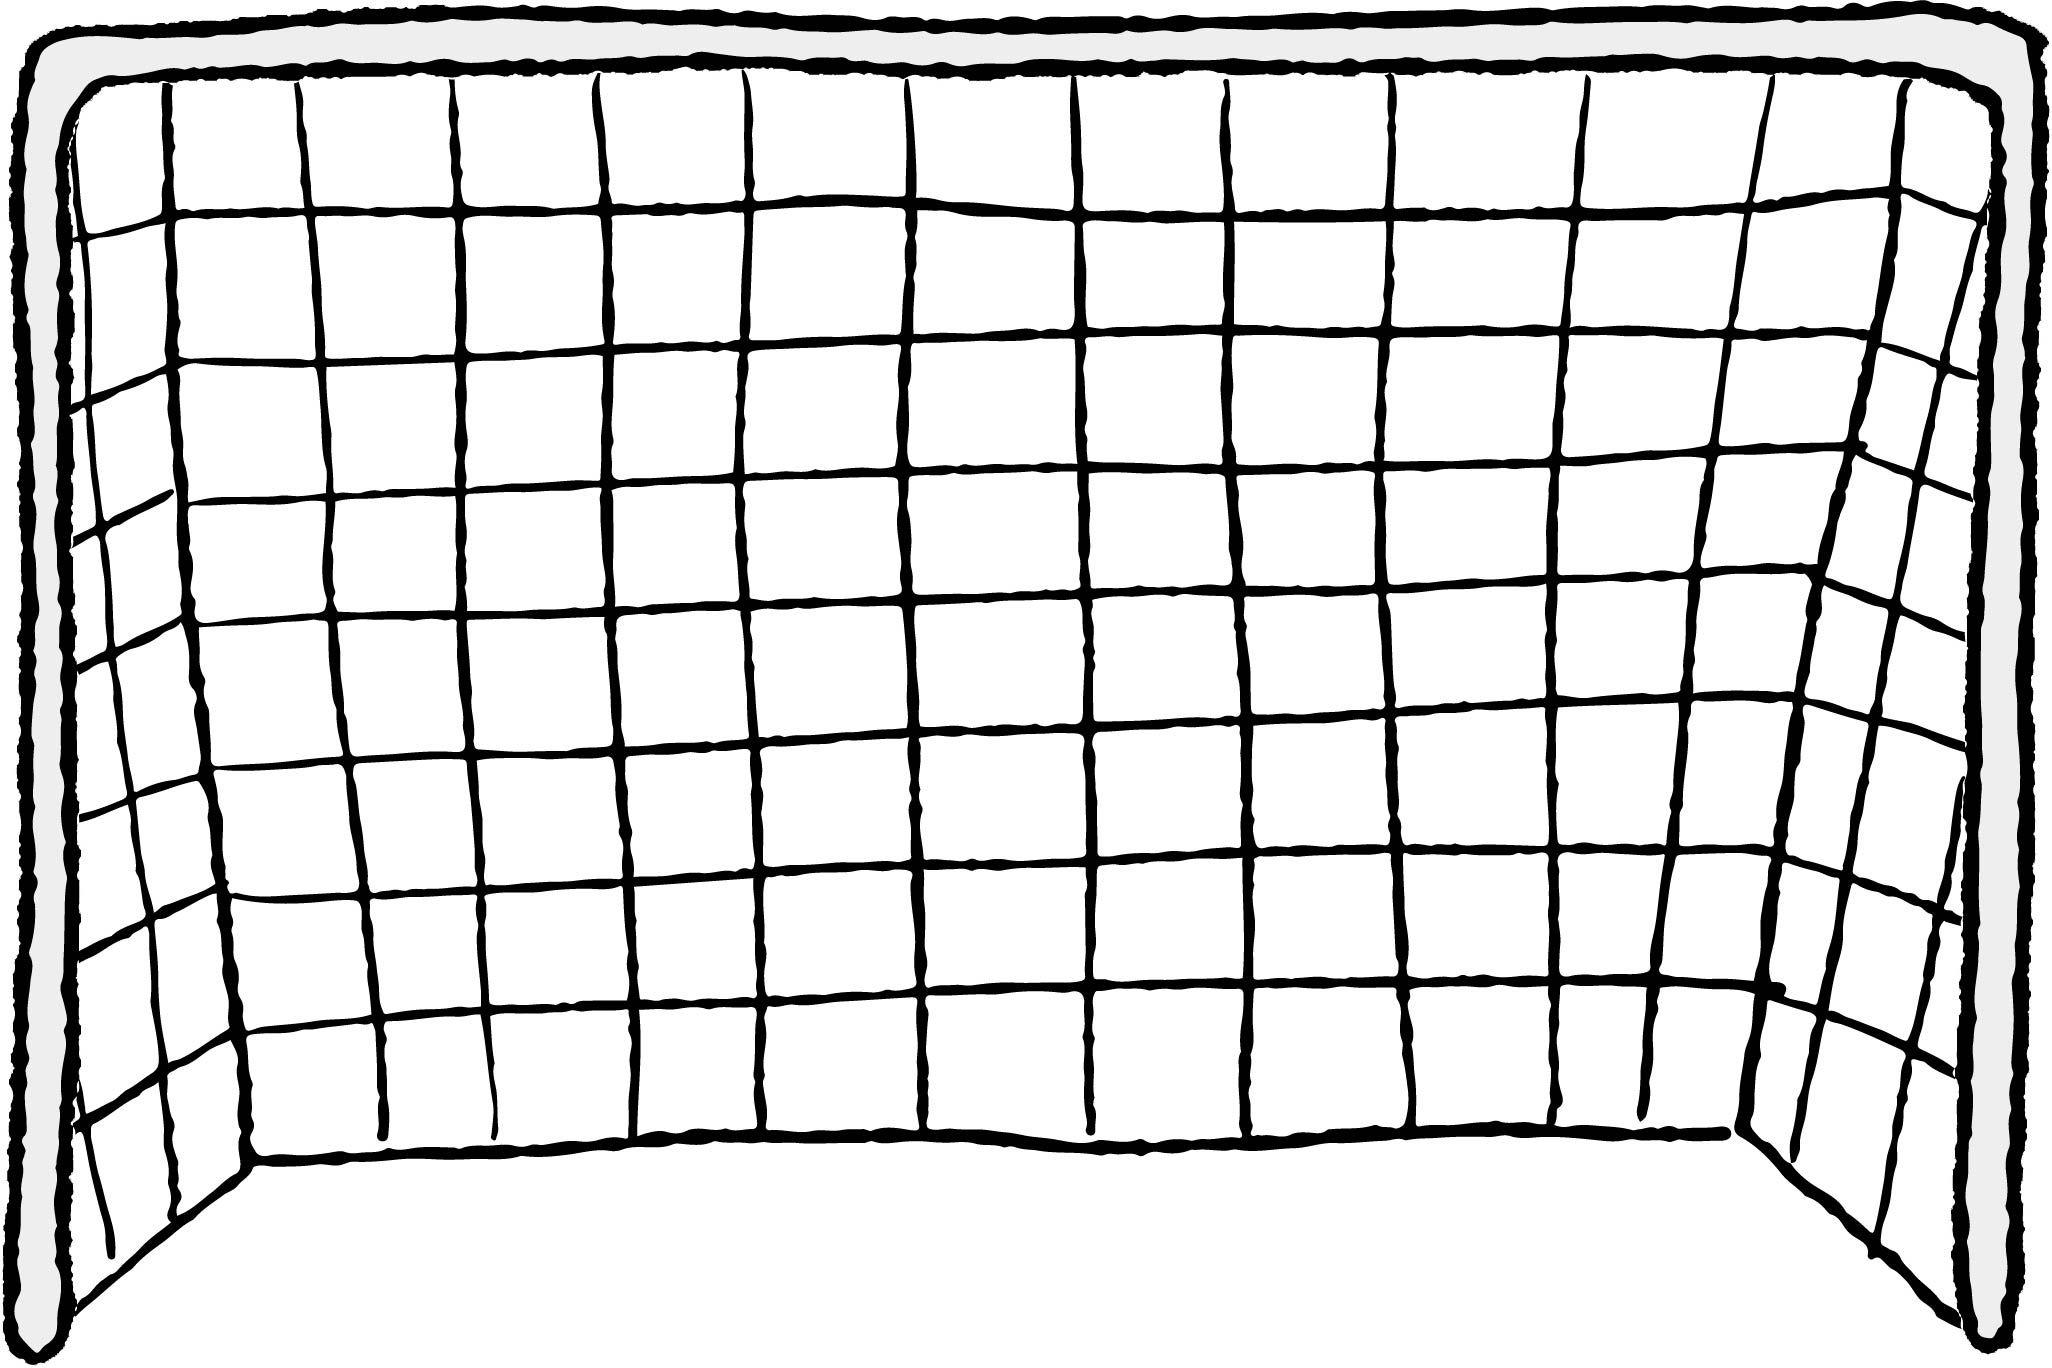 ハンドボールのサイドシュートを確実に決めるための独学用DVD「ハンドボール・サイドシュート上達革命」